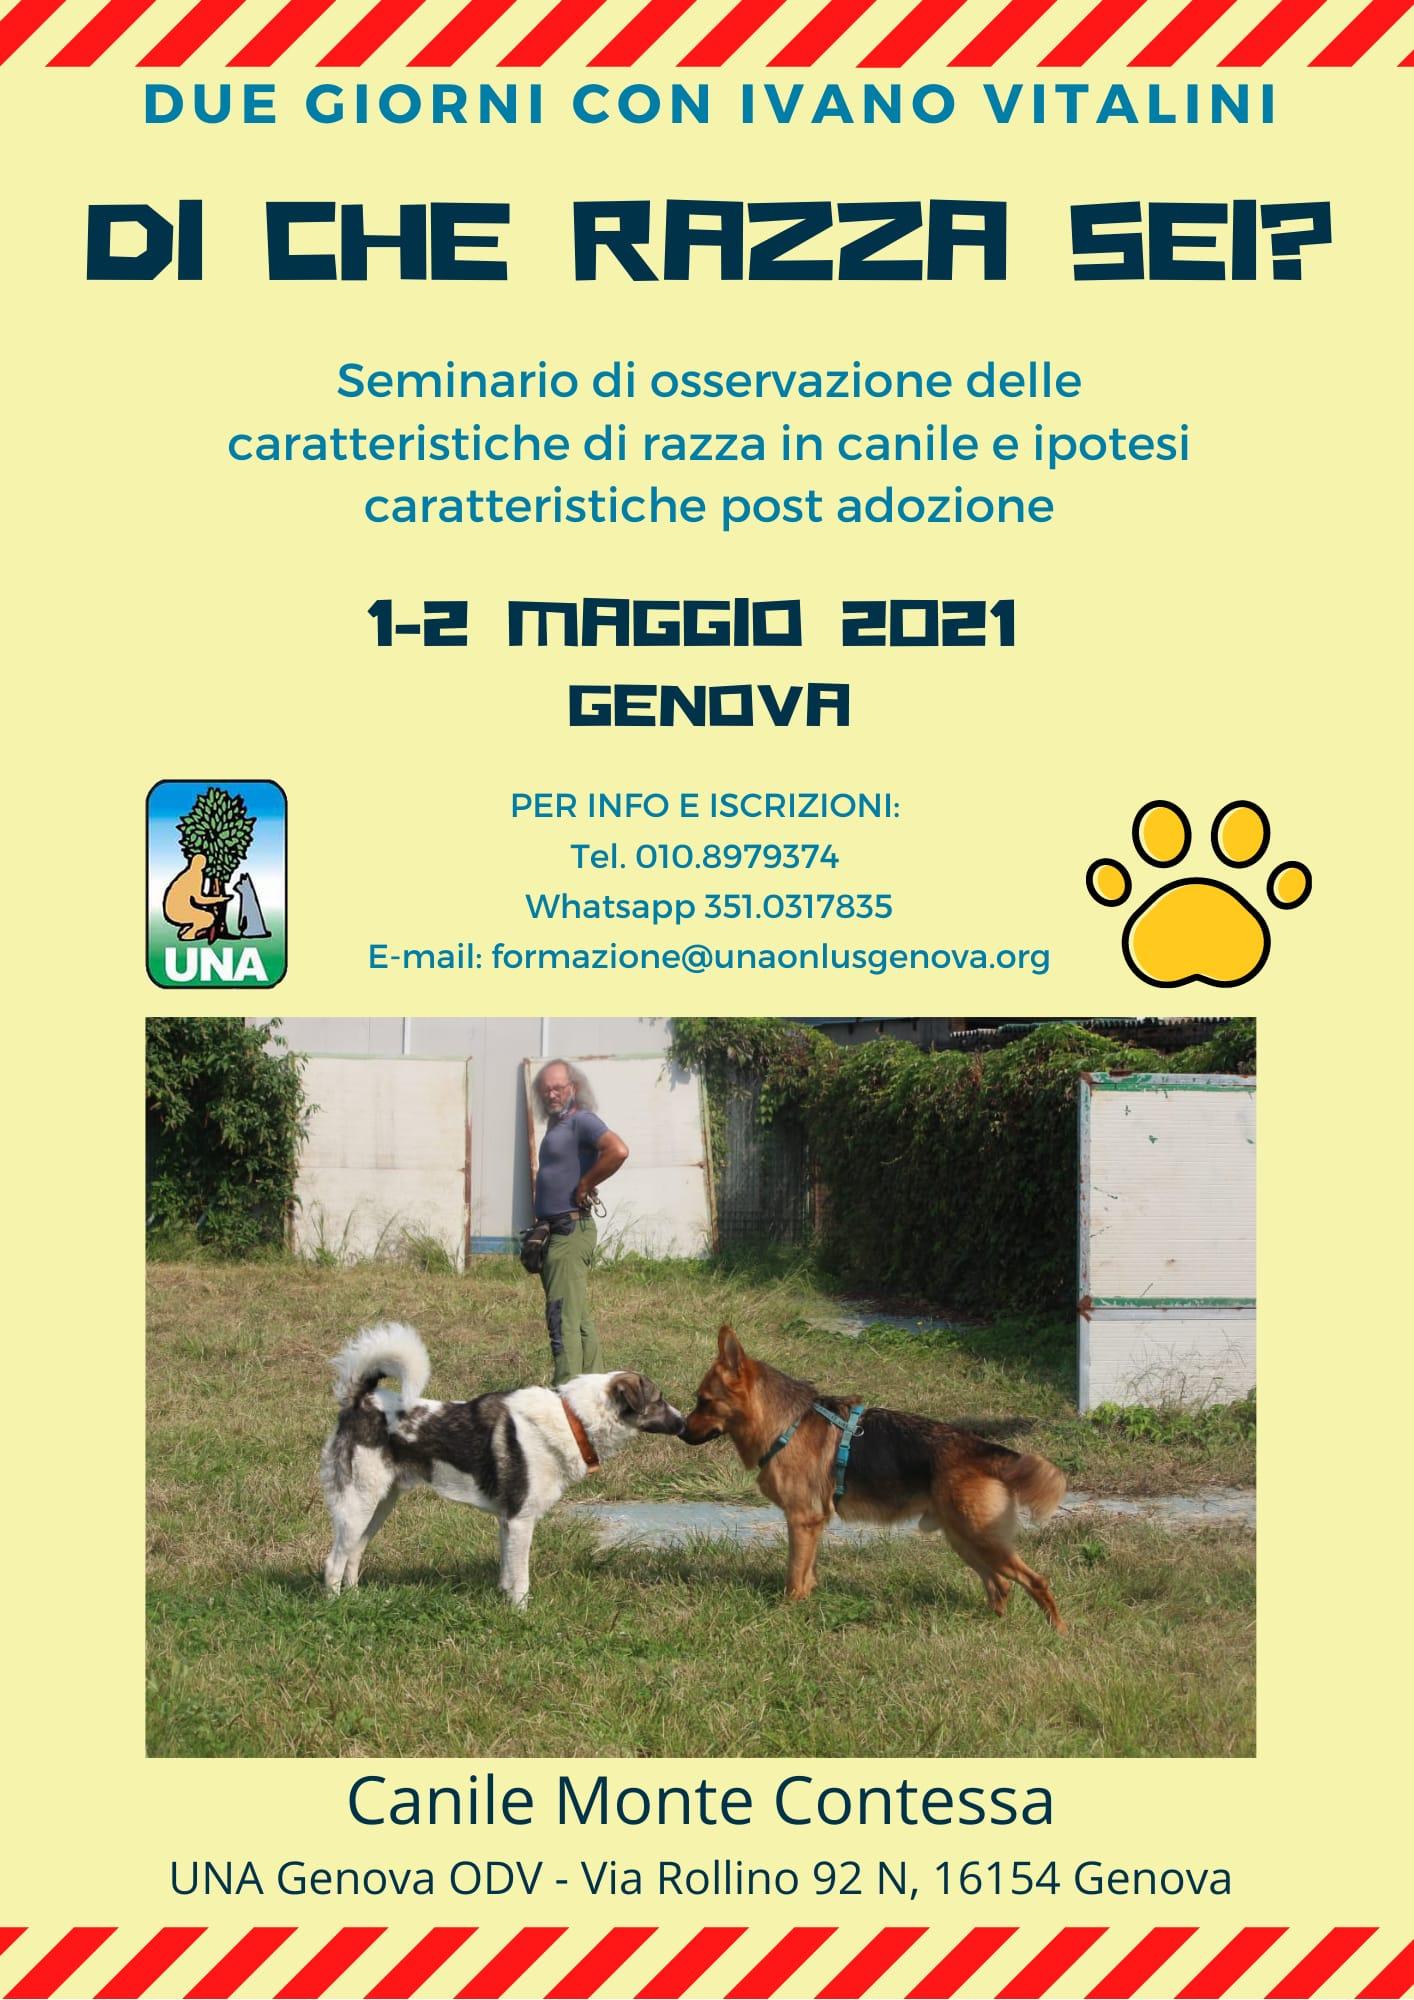 GENOVA 1-2 Maggio 2021 - Seminario di osservazione delle caratteristiche di razza con Ivano Vitalini